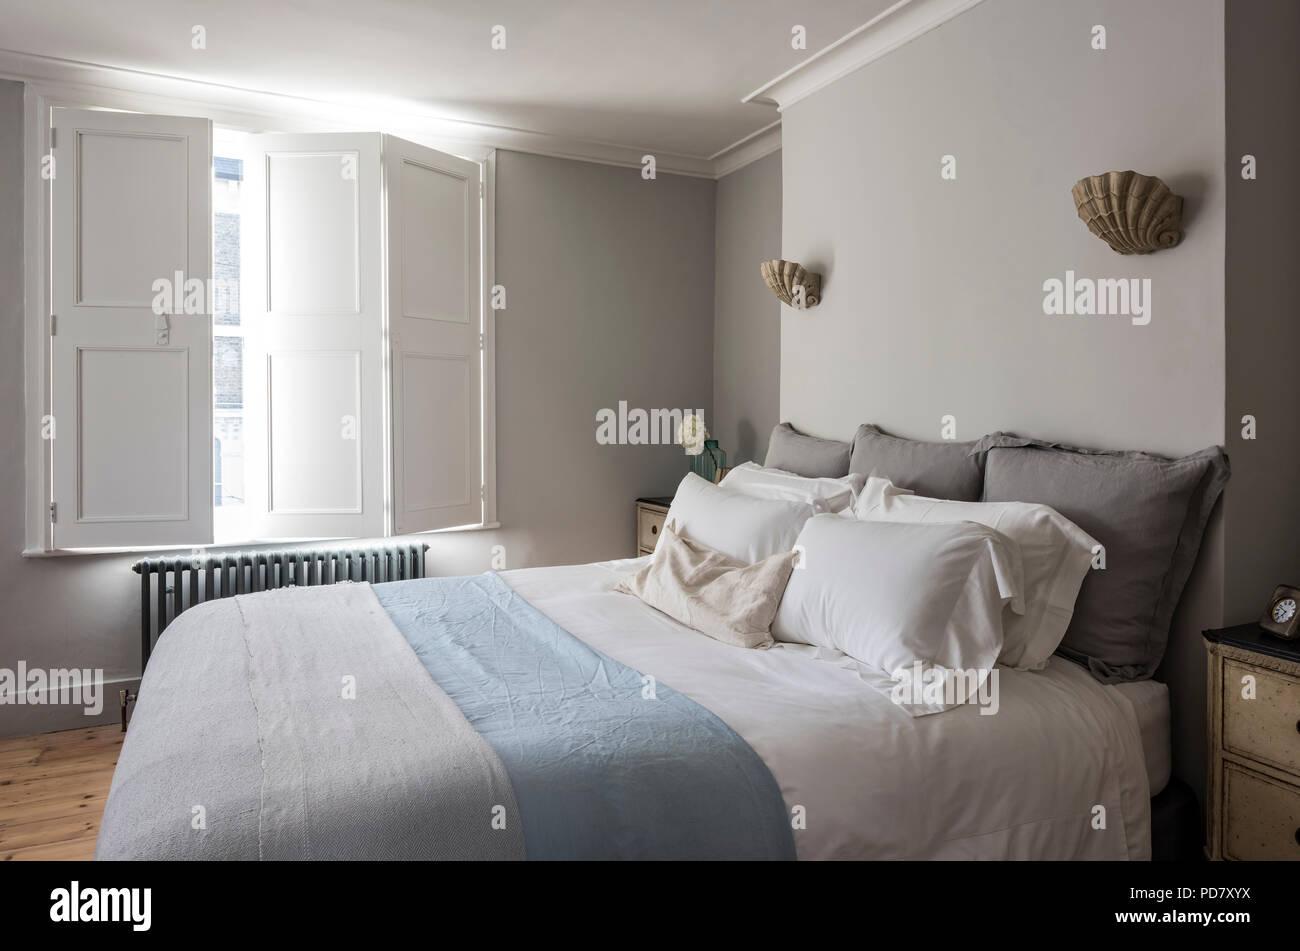 Elegantes Schlafzimmer mit Fensterläden und Jakobsmuschel ...